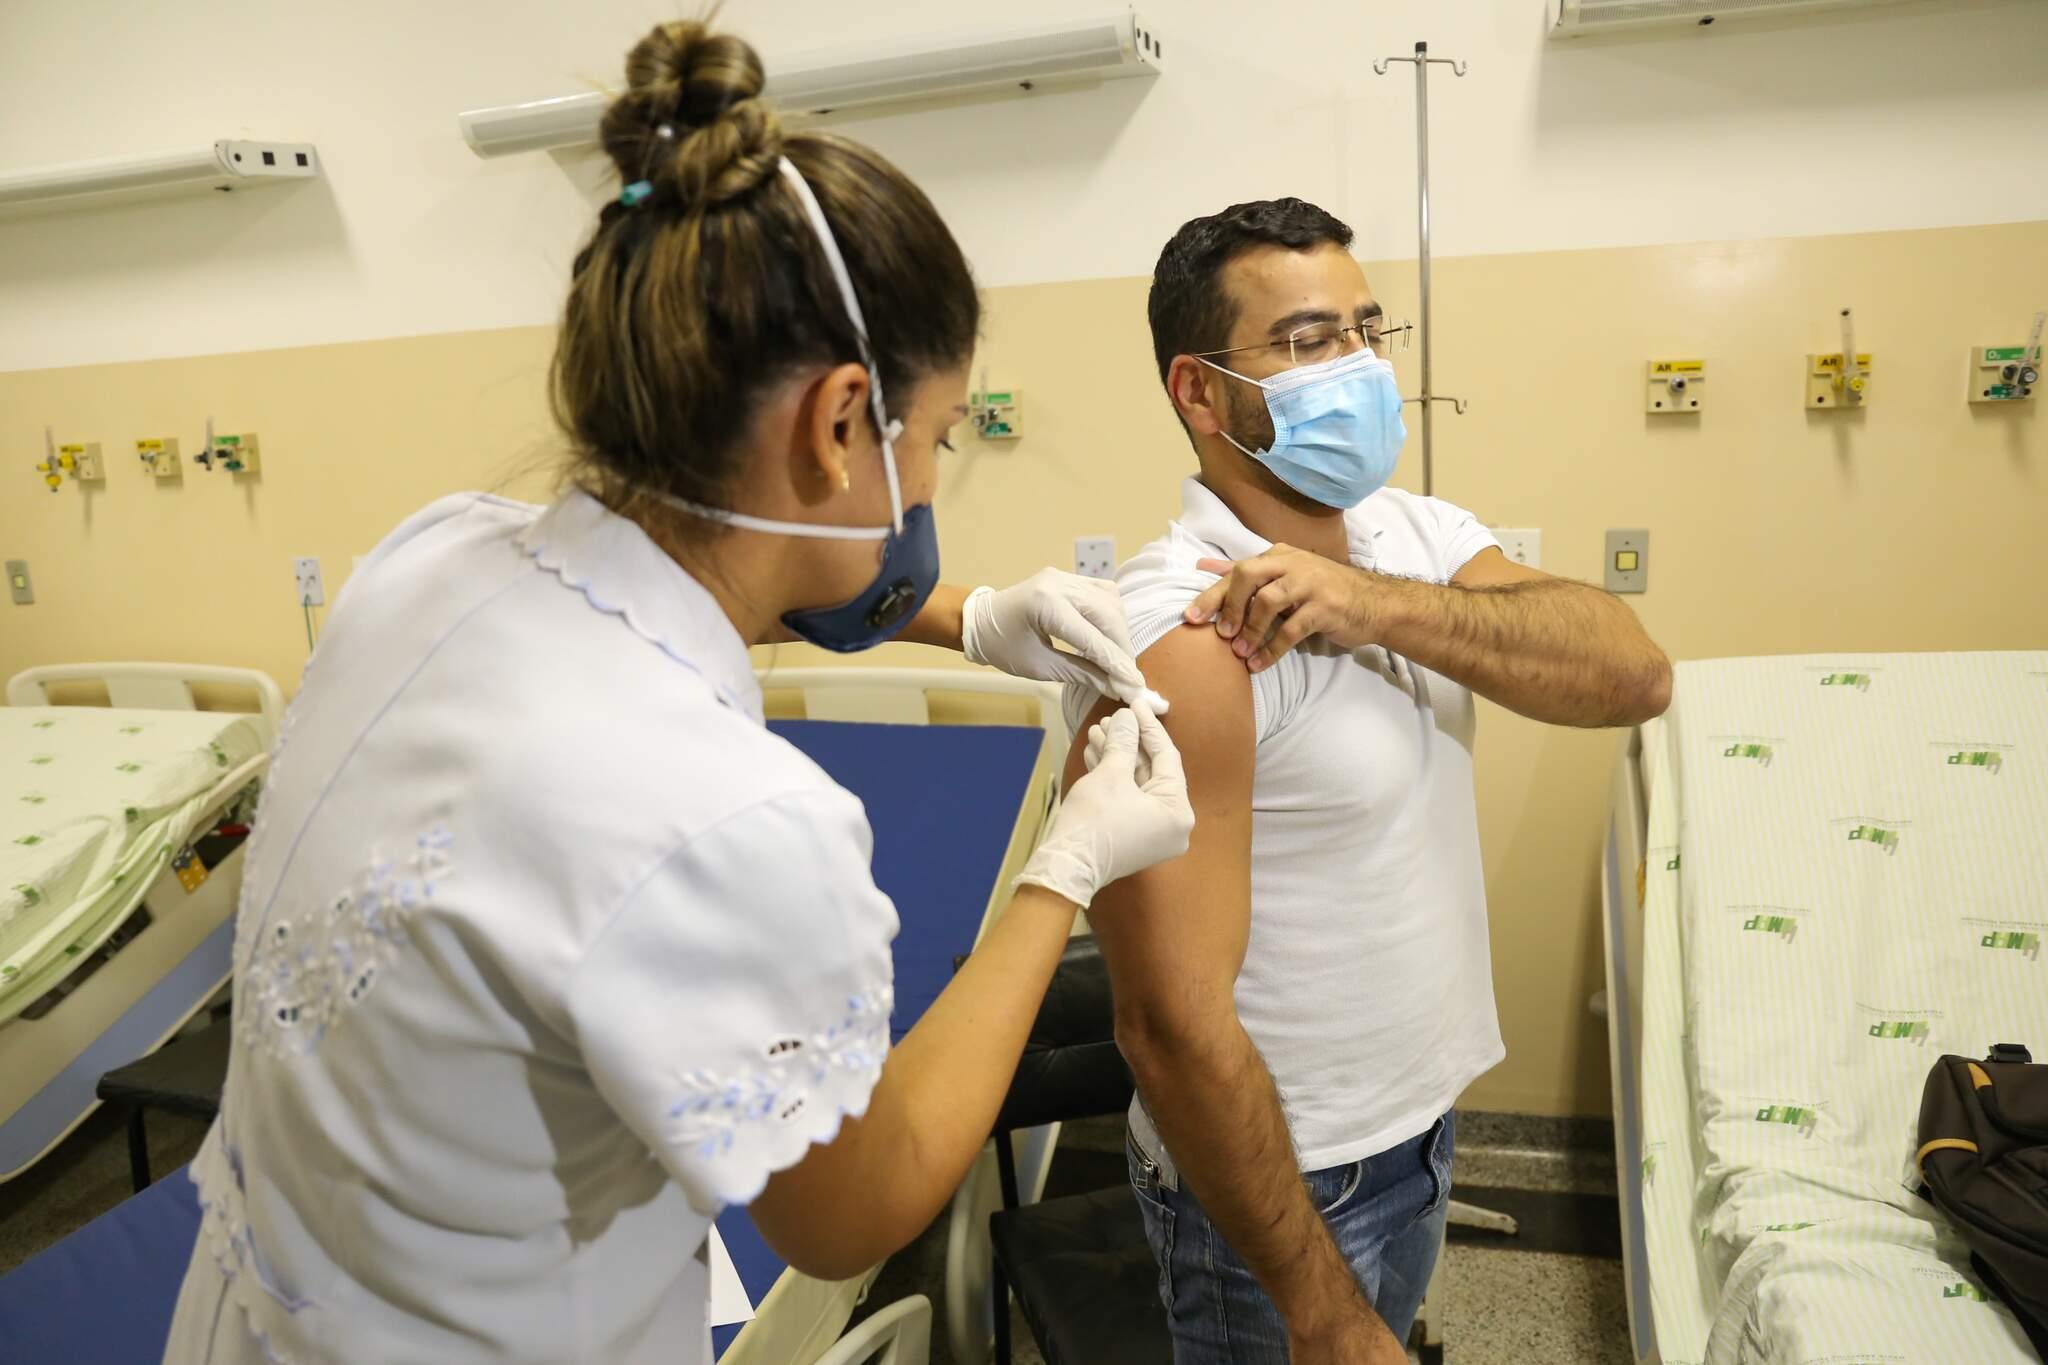 Voluntário sendo imunizado com vacina contra a covid-19. (Foto: Paulo Francis)